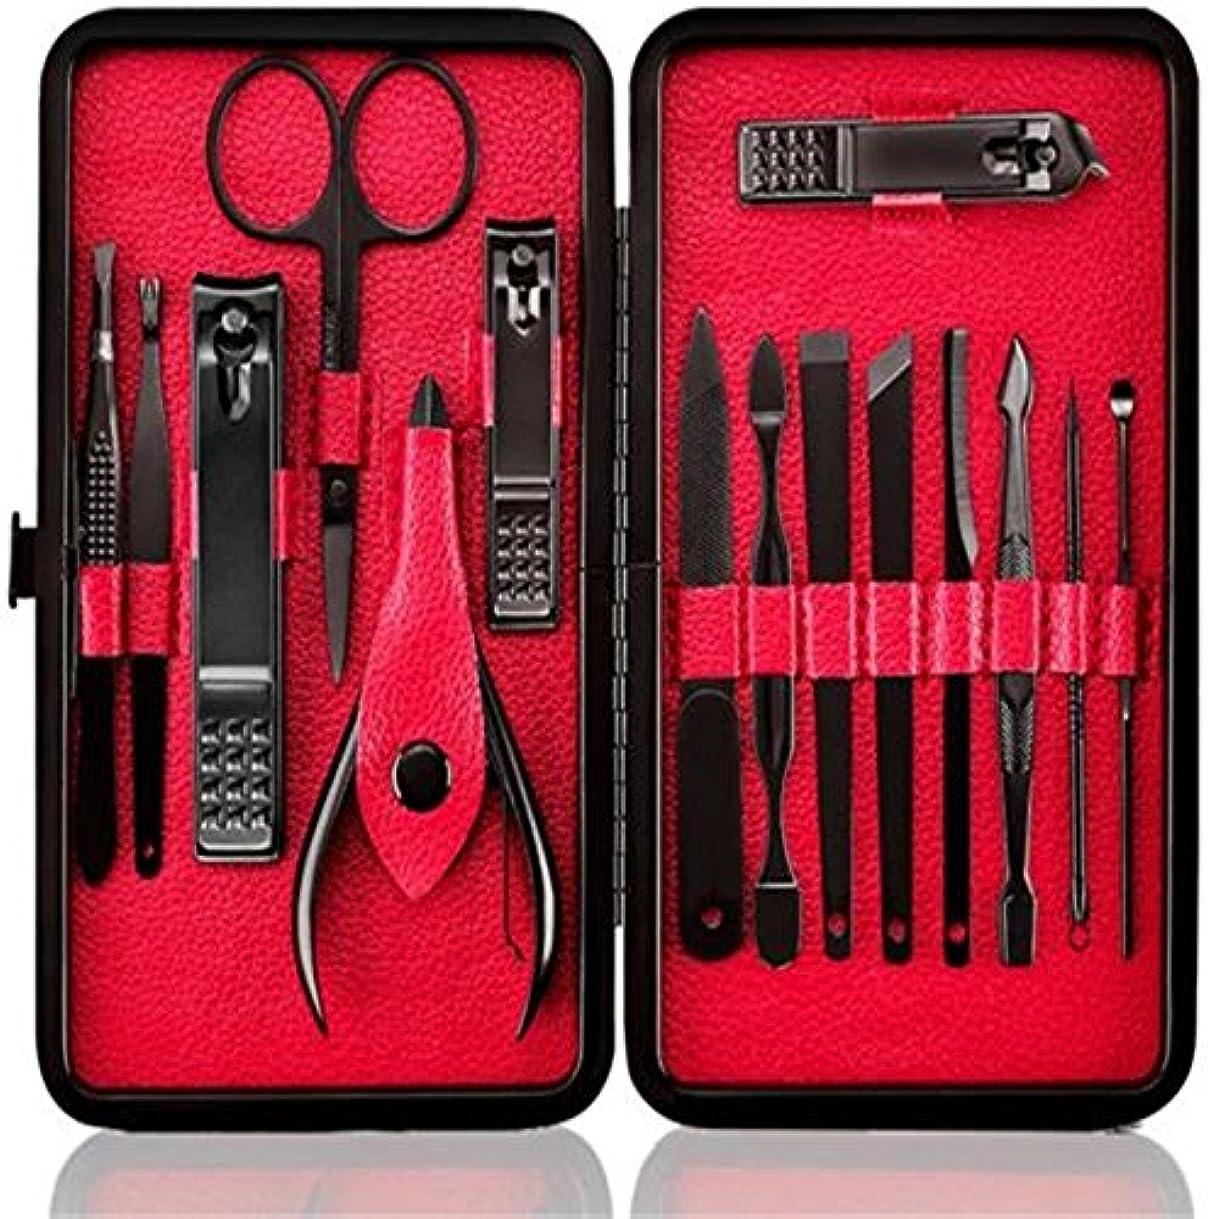 具体的に合わせてに慣れ爪切りセット(15点) ステンレス製 高級 爪やすり付き スクリューみみかき 足用ニッパー (red)